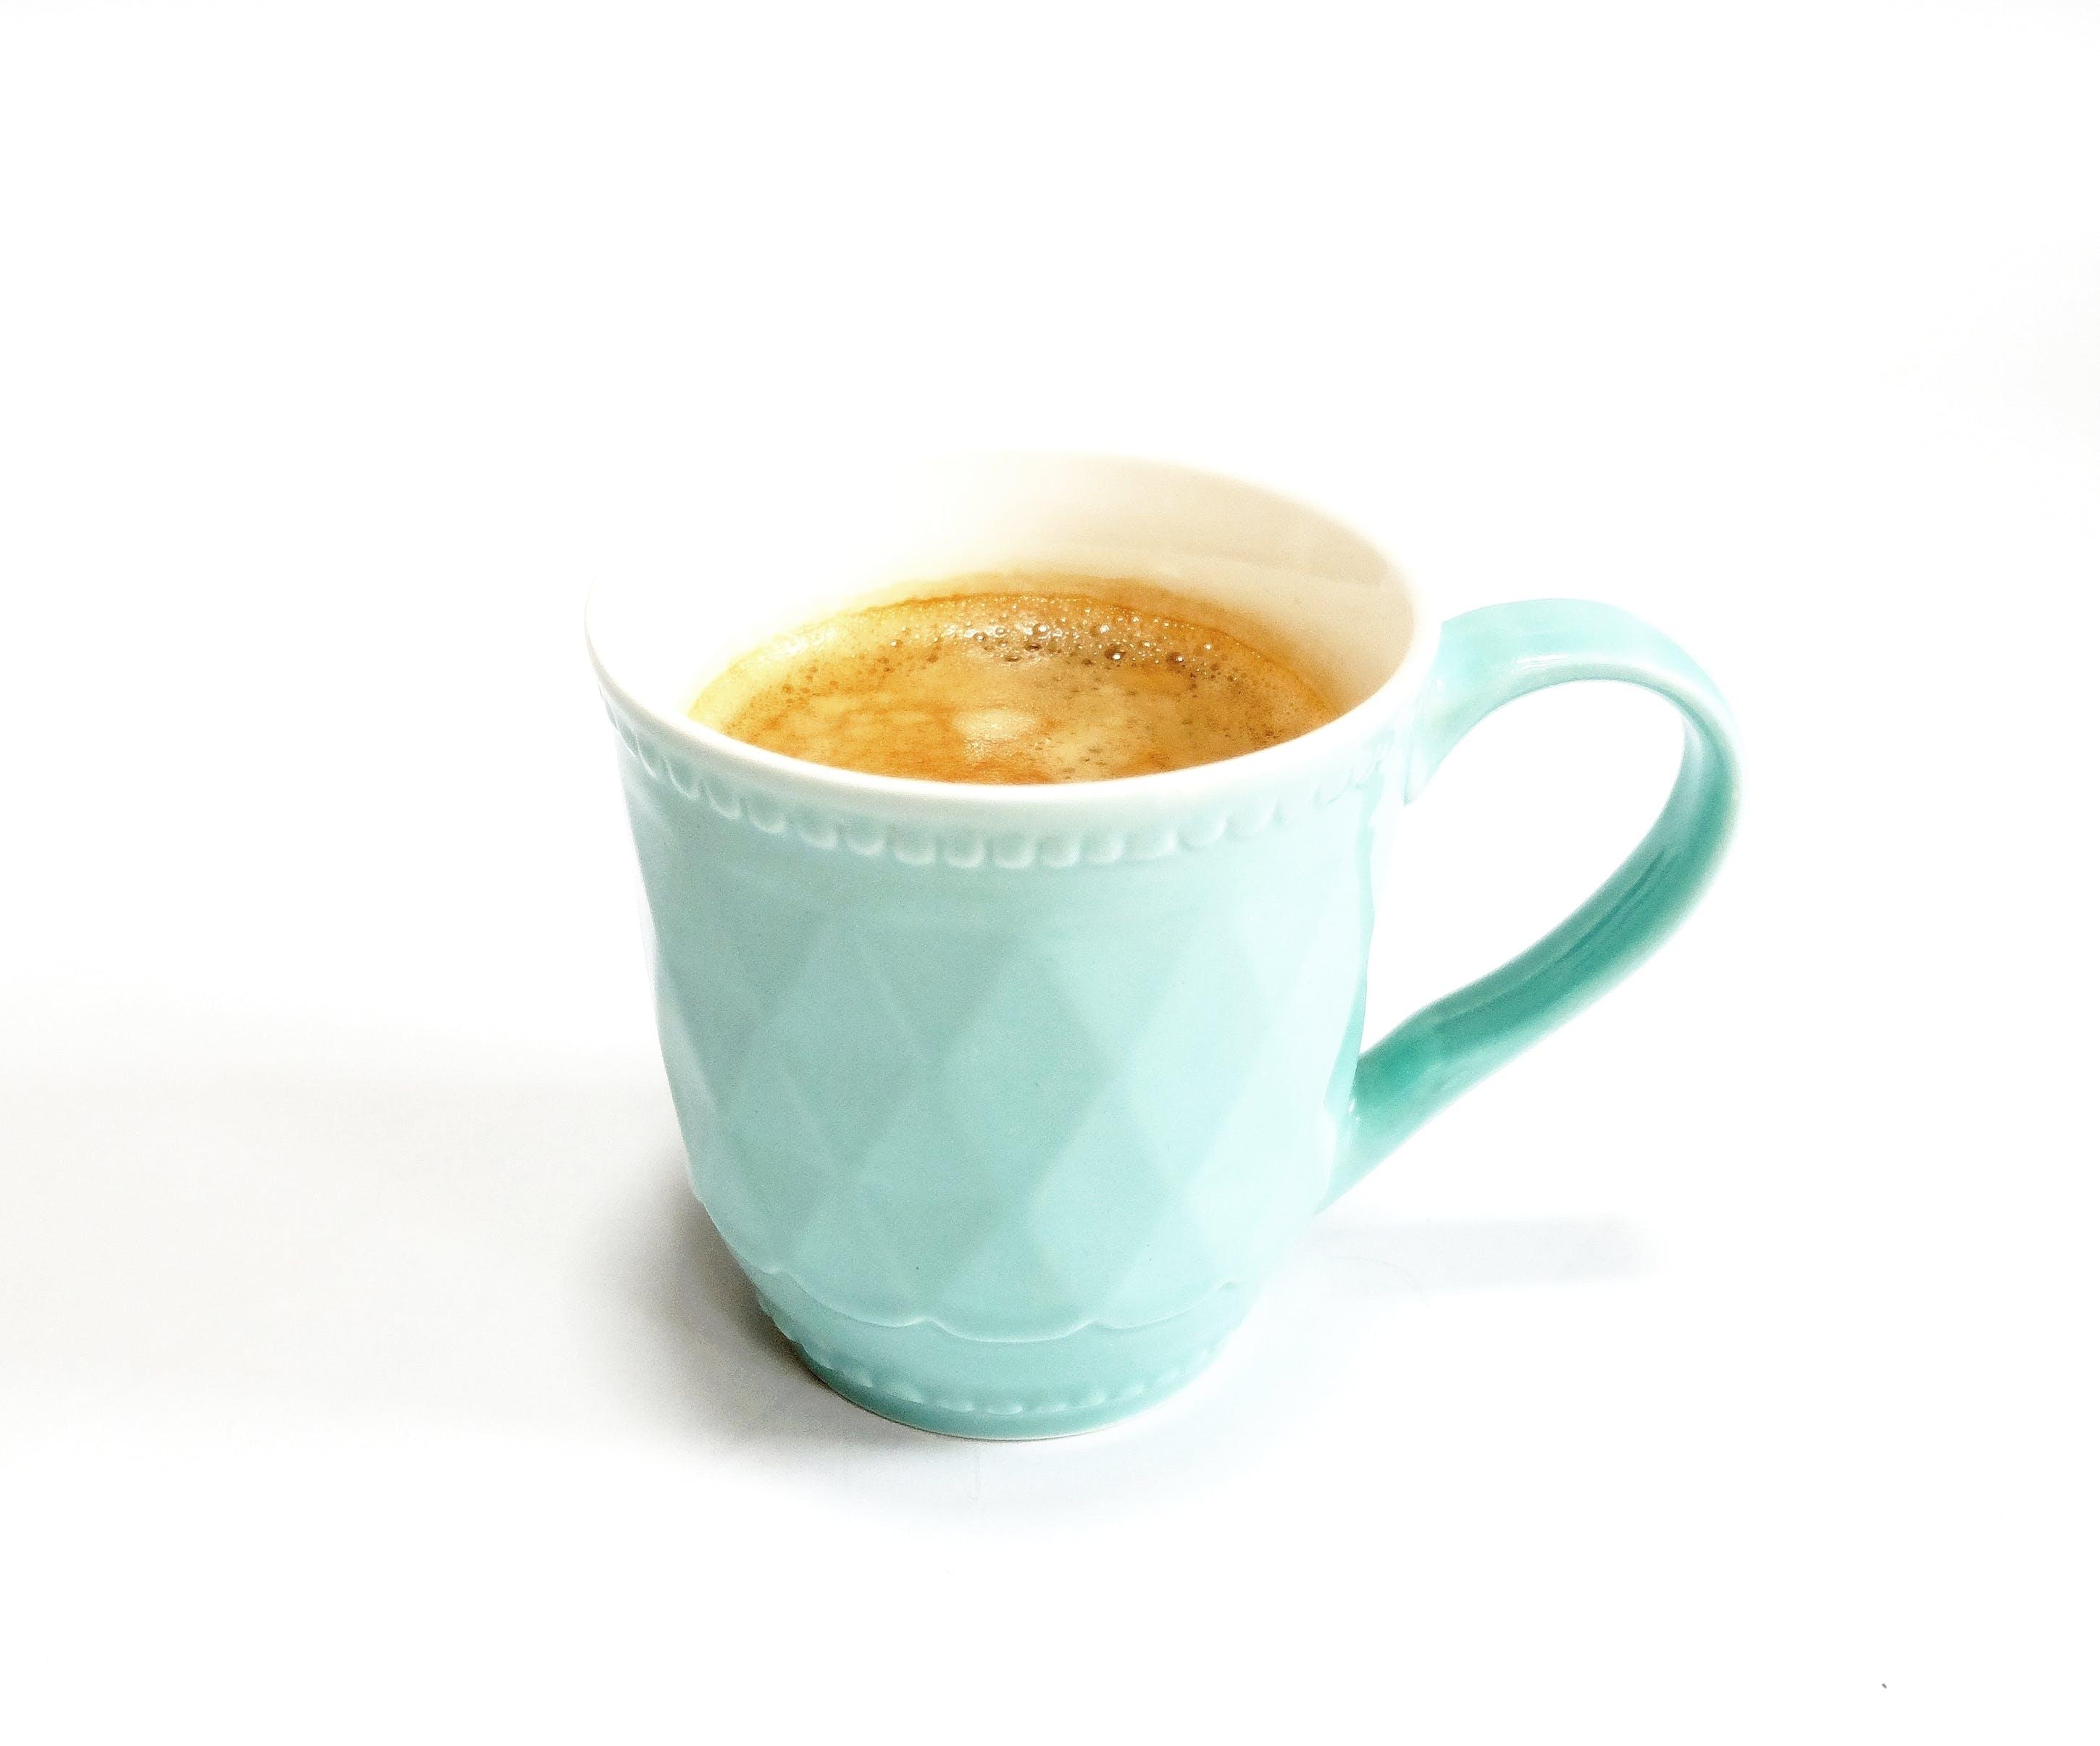 Kostenloses Stock Foto zu kaffee, tasse, becher, blau